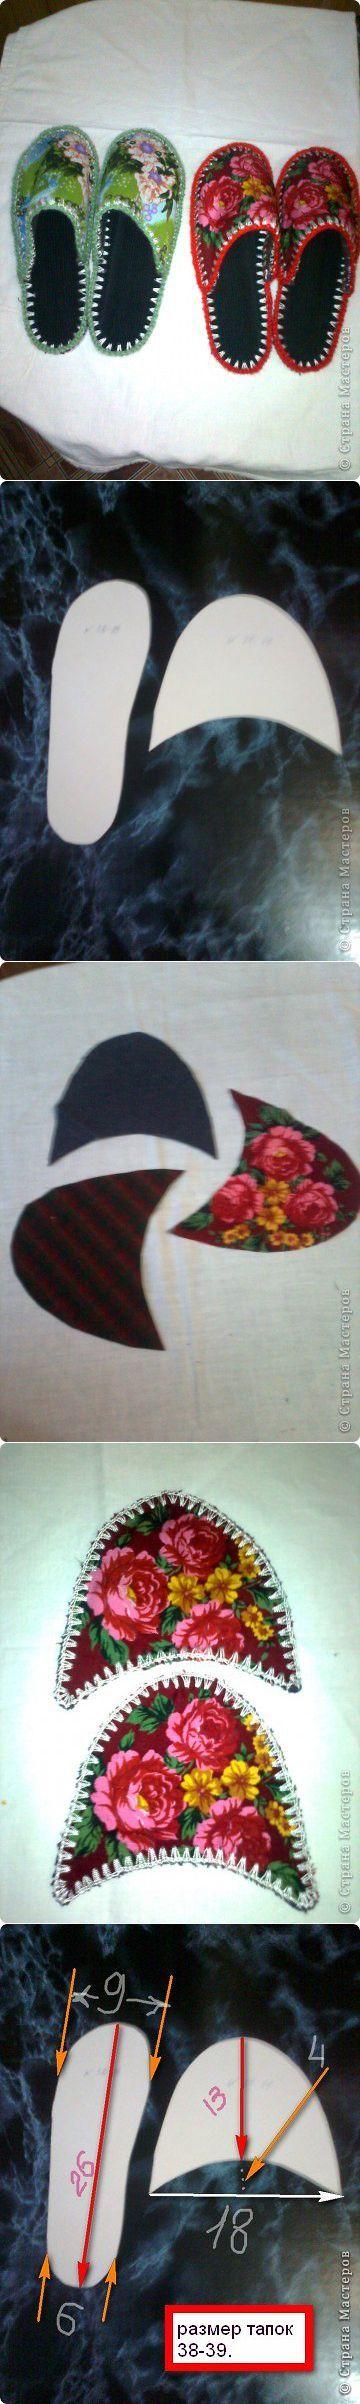 Тапочки из ткани...♥ Deniz ♥